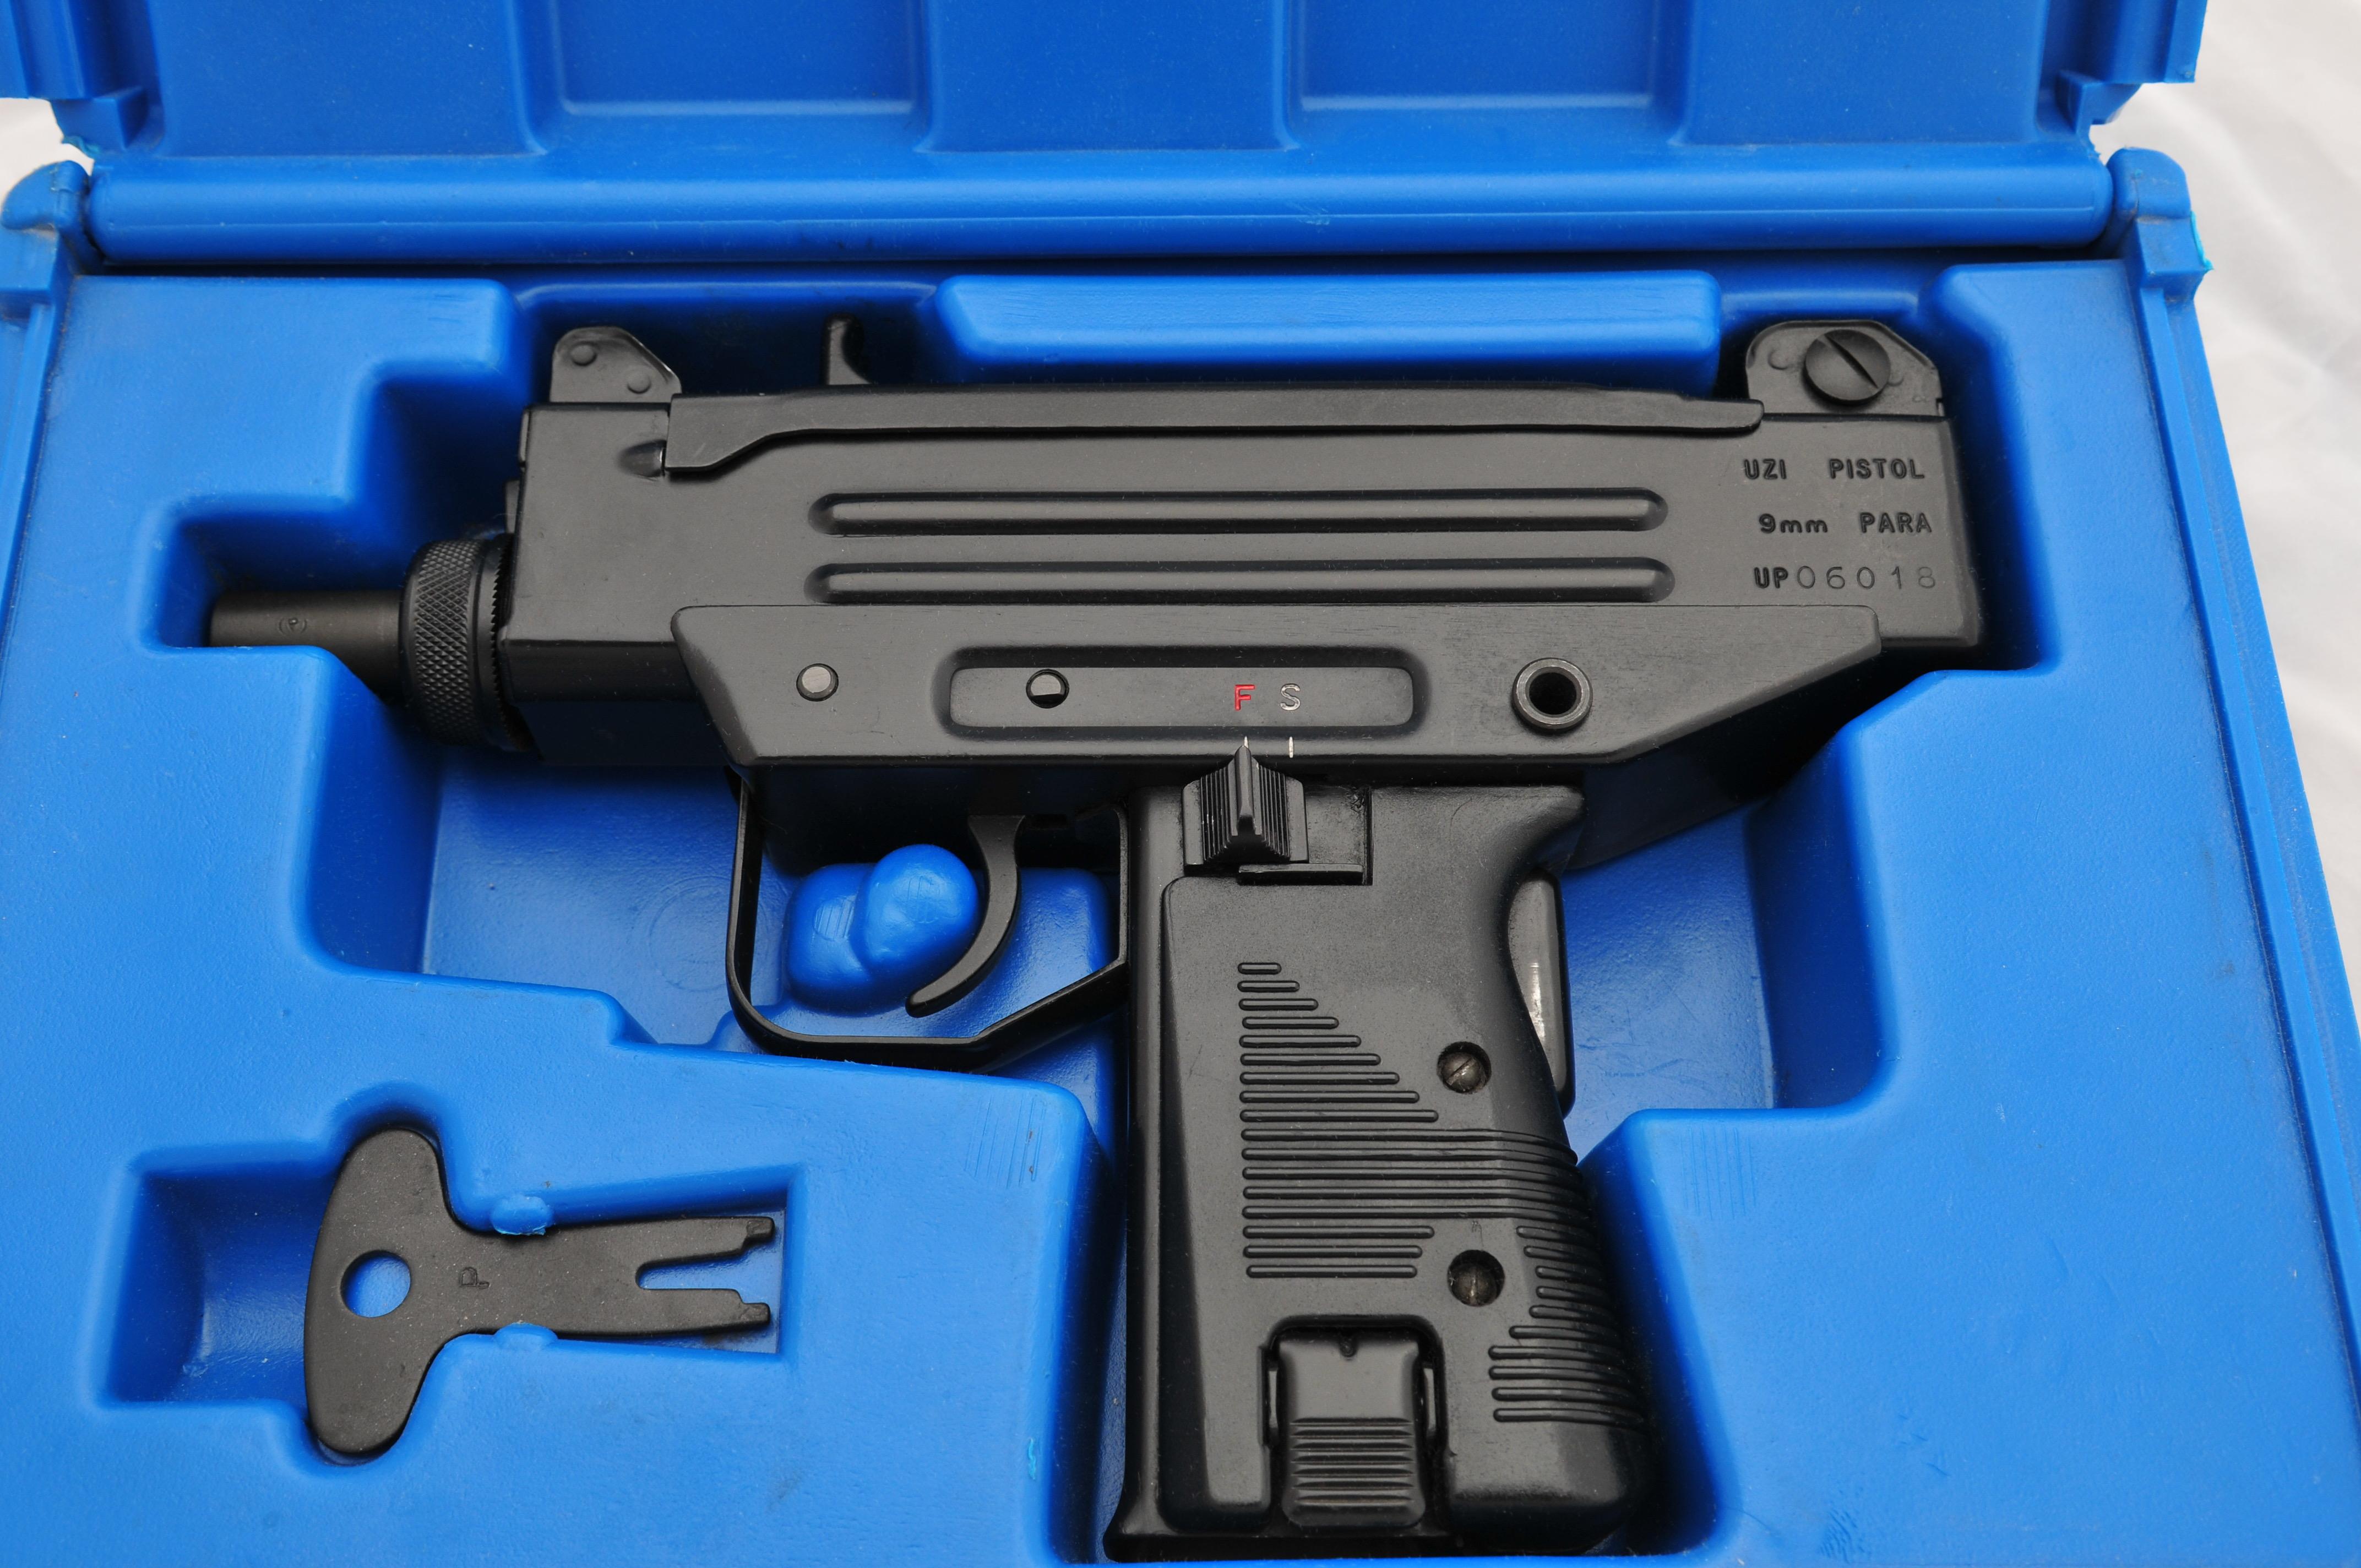 Wts  Imi Micro Uzi Pistol 9mm